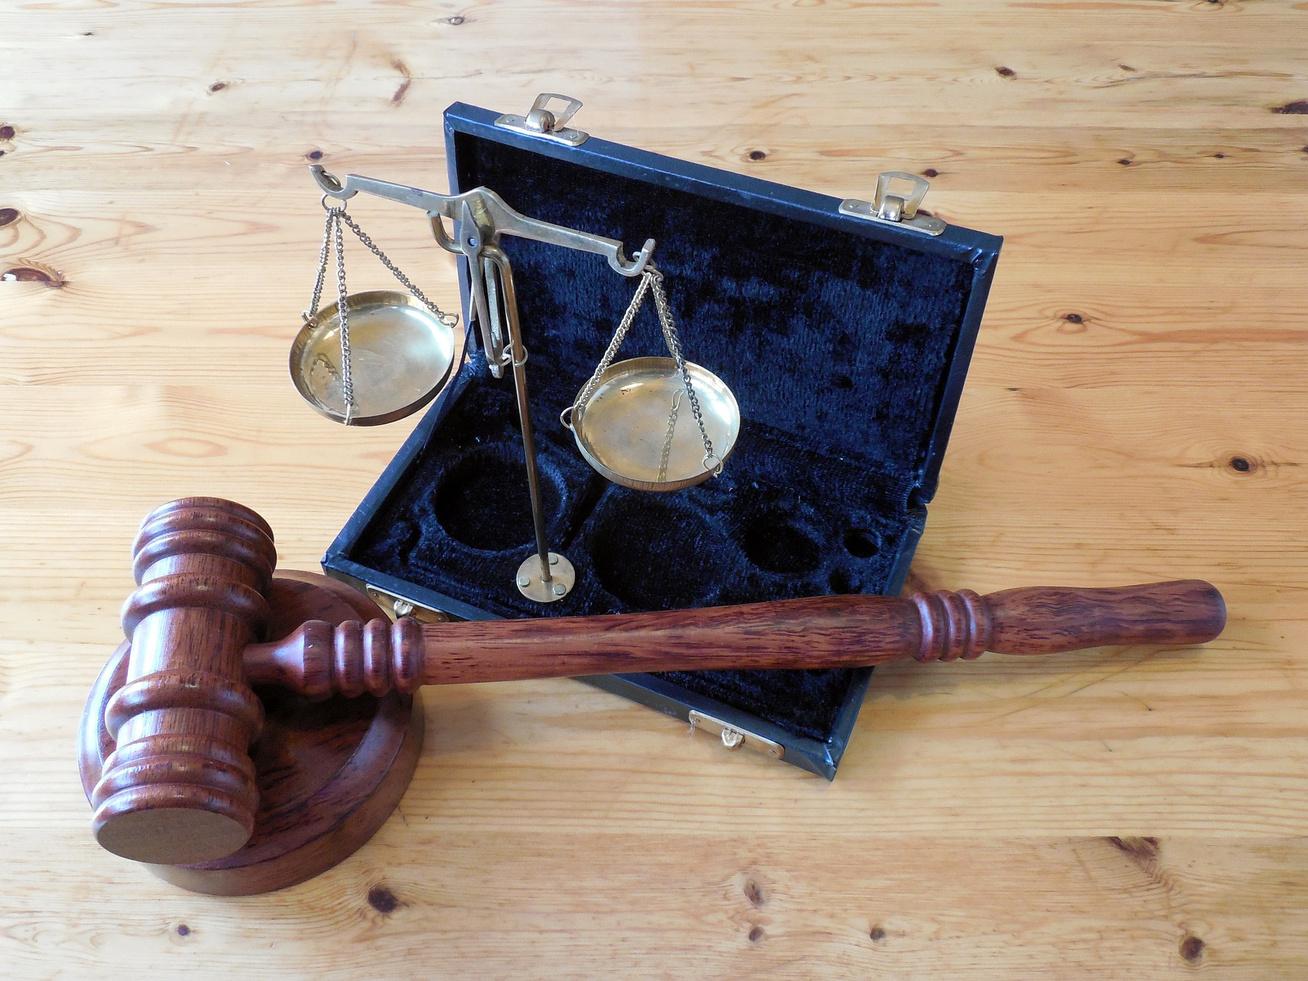 bíróság szabály törvény kalapács per (1)